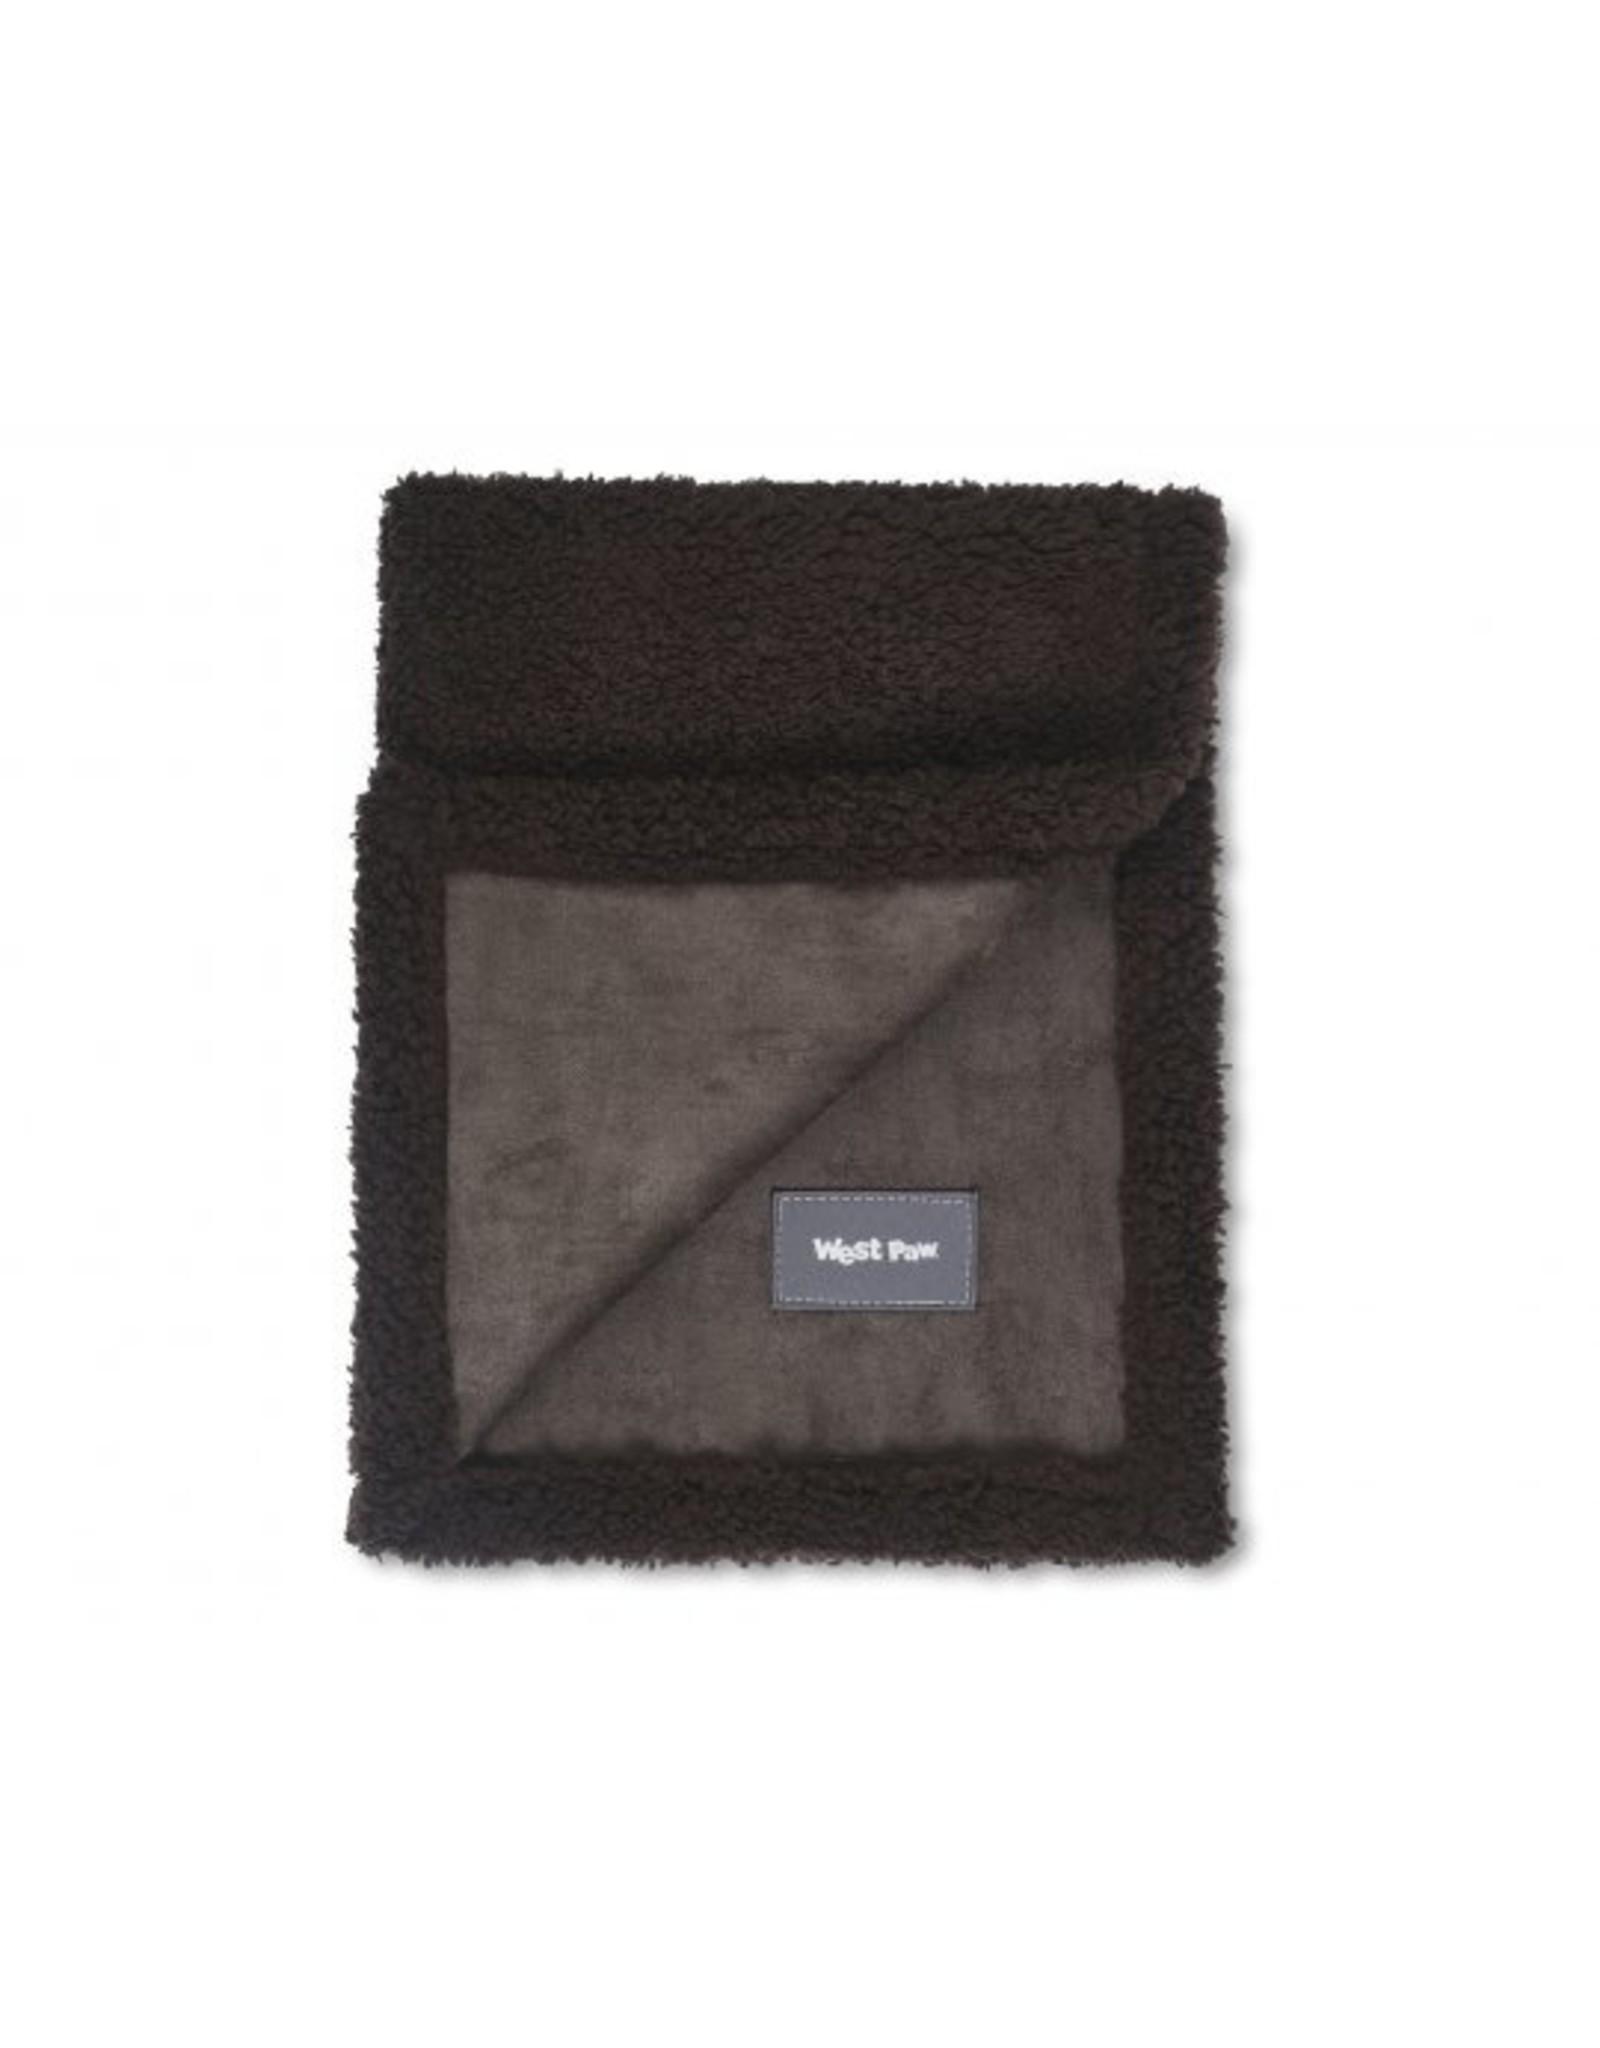 West Paw Designs Westpaw: Big Sky Blanket L 56x73 Chocolate